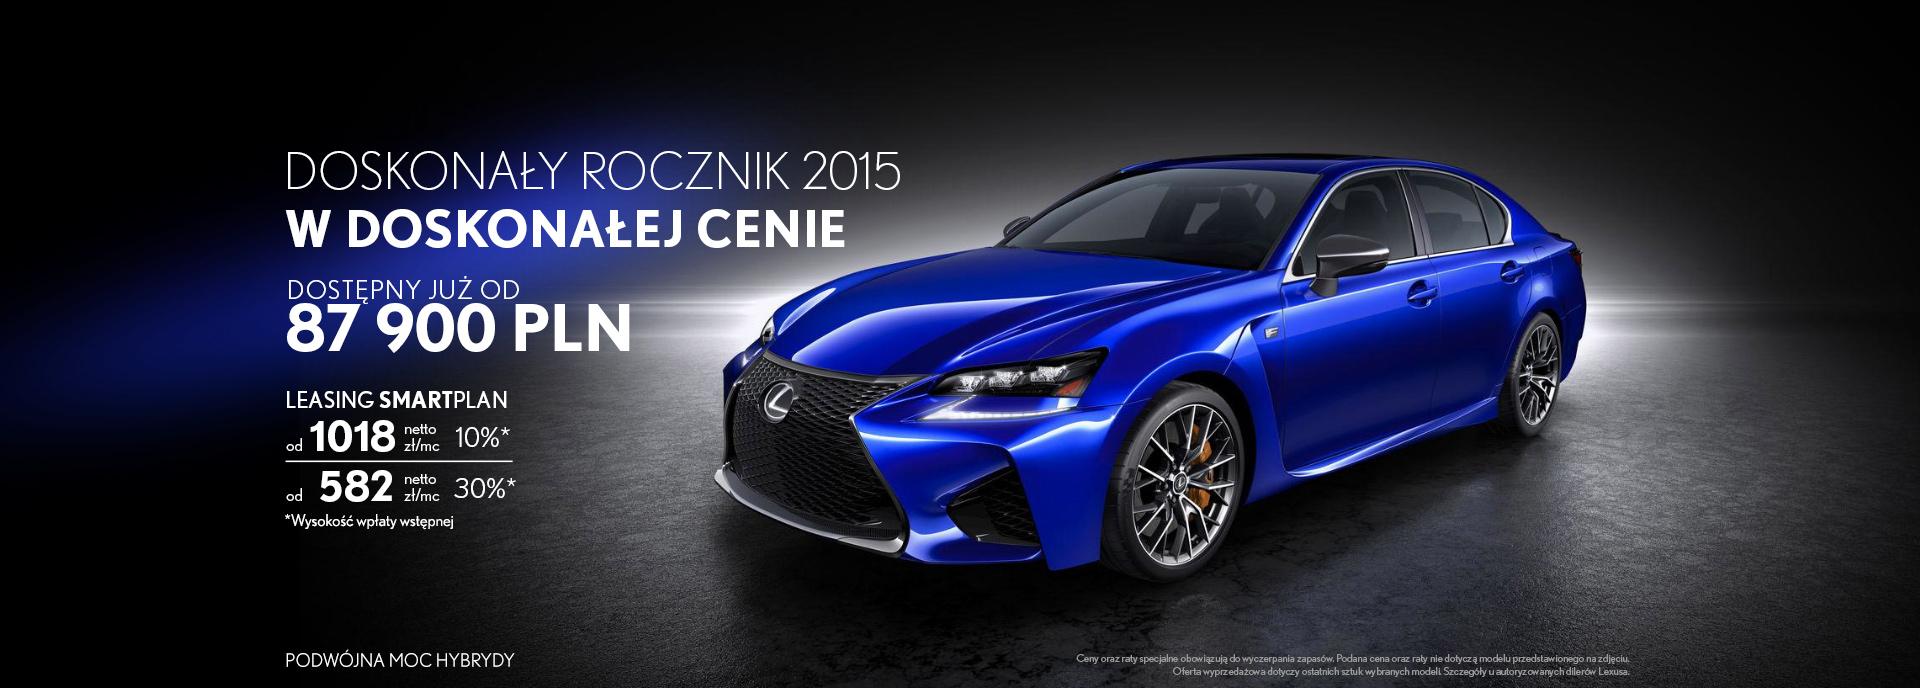 Wyprzedaz_2015-Campaign